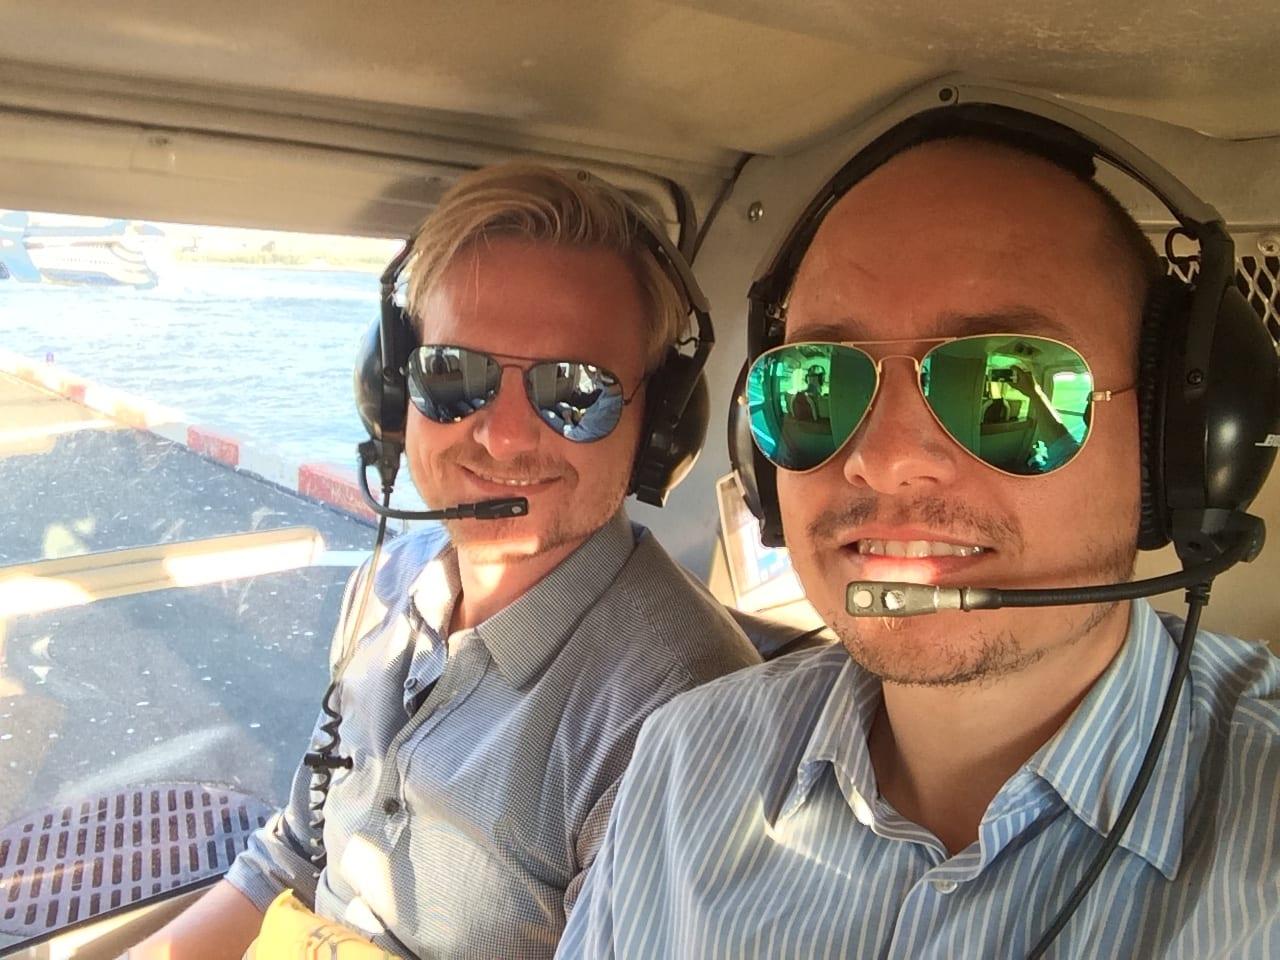 Erfahrungsberichte: Der beste Helikopterflug in New York. Wir haben alle Anbieter, Preise und Routen verglichen und unsere Empfehlung!